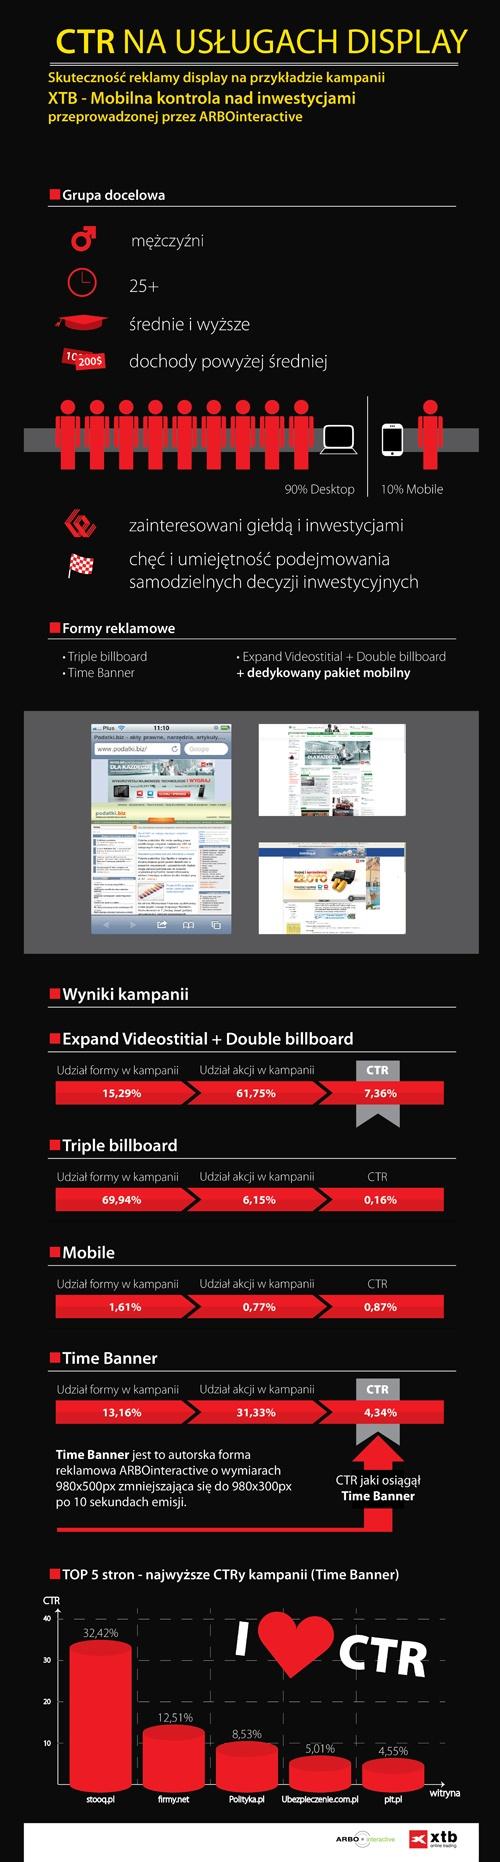 CTR - skutecznosć reklamy